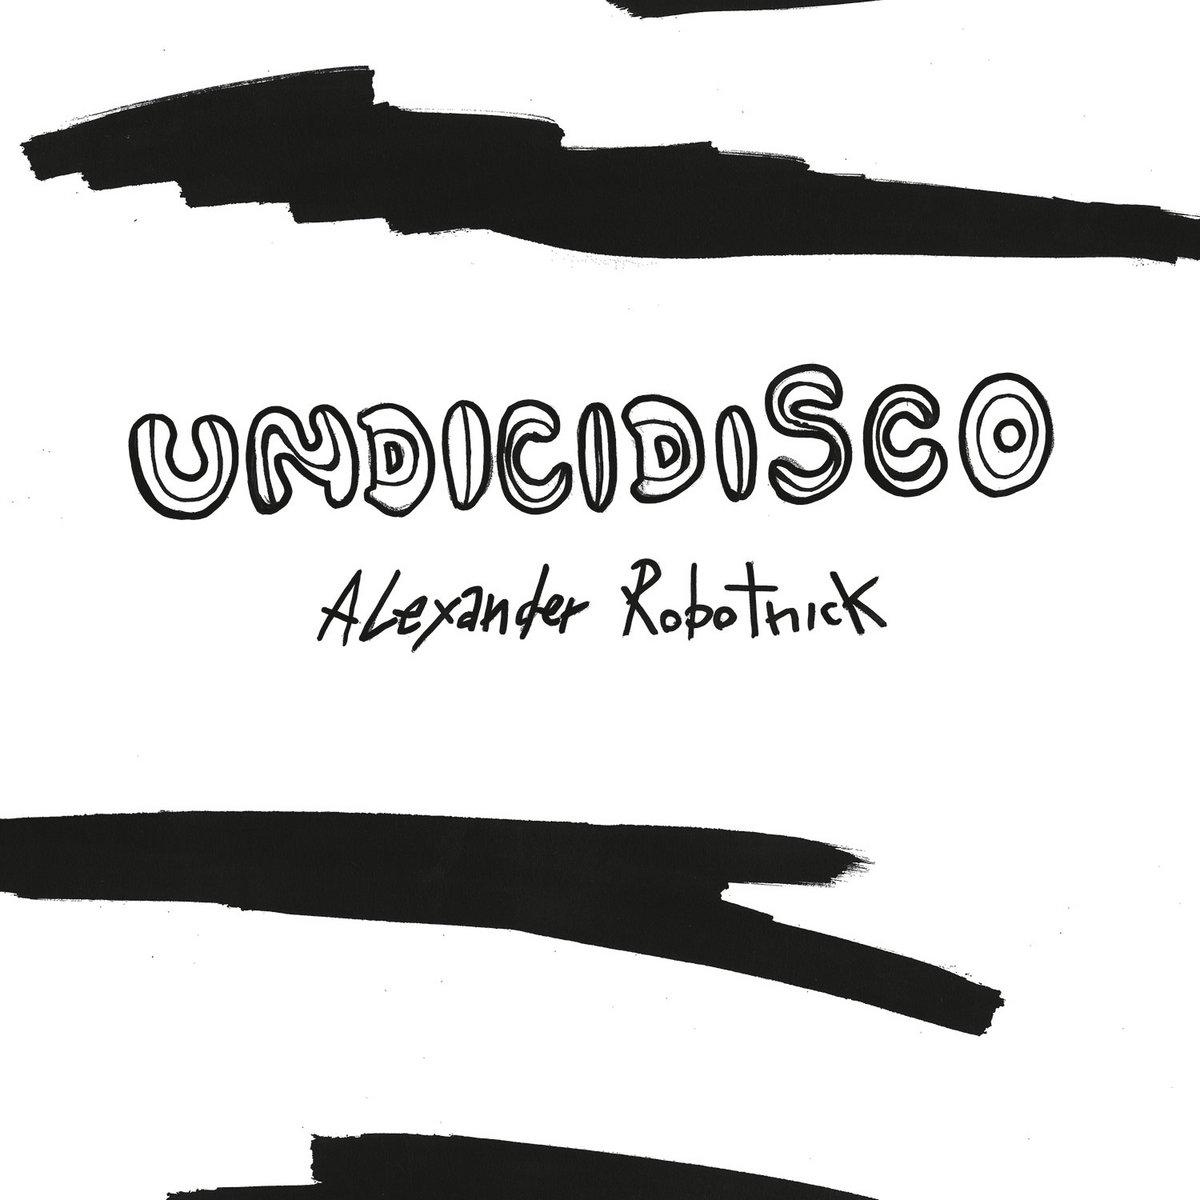 Undicidisco | Hell Yeah Recordings